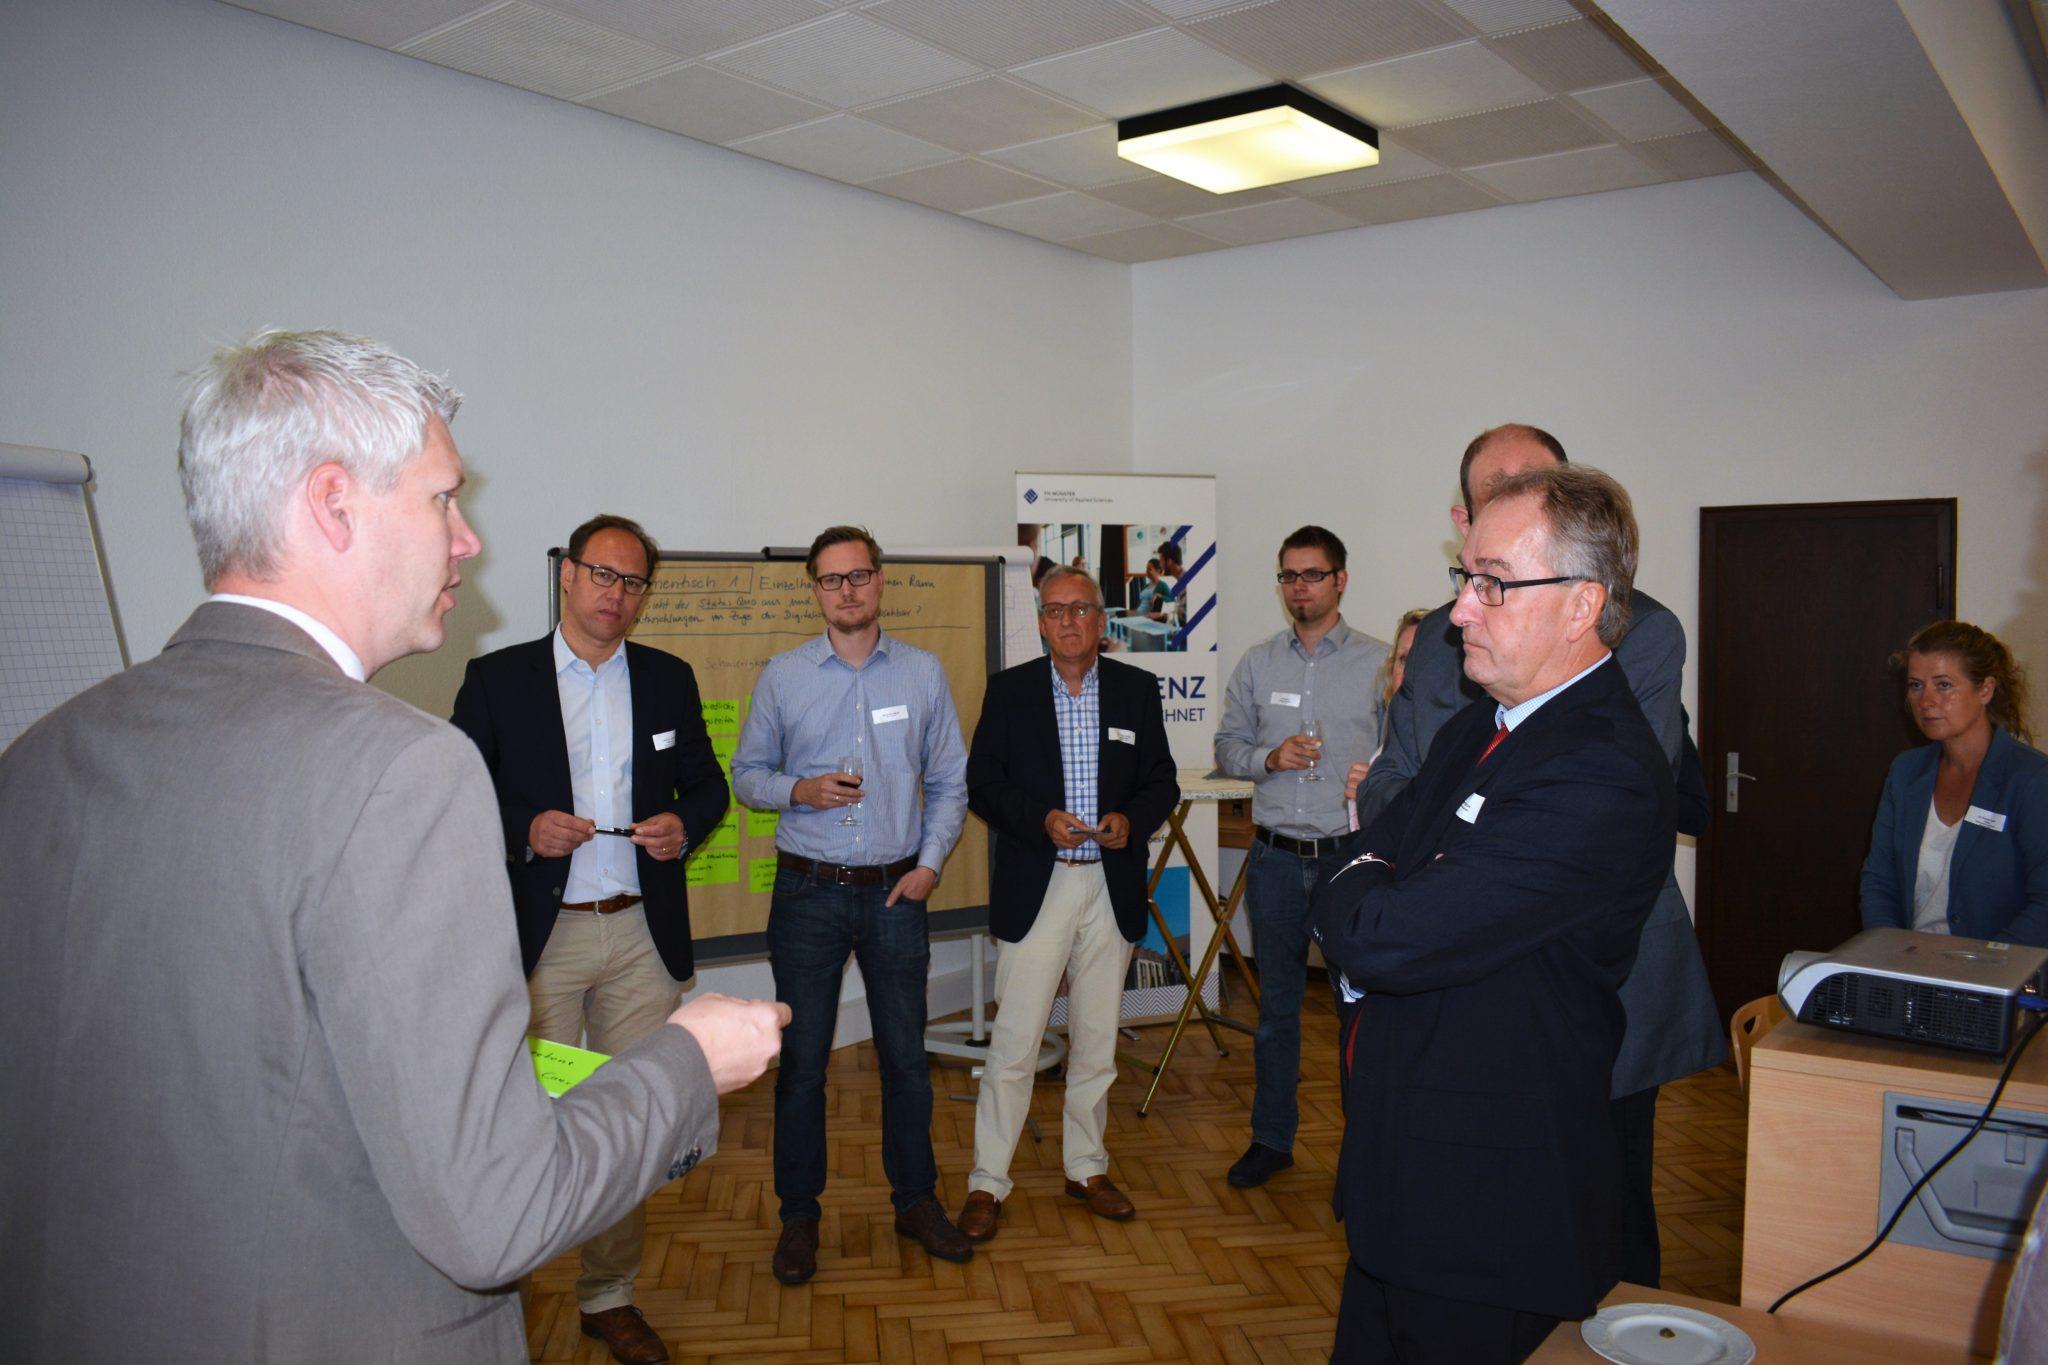 Vertreter der Kommunen und des Einzelhandels diskutieren über Möglichkeiten der Stärkung der Innenstädte und des lokalen Einzelhandels durch E-Commerce